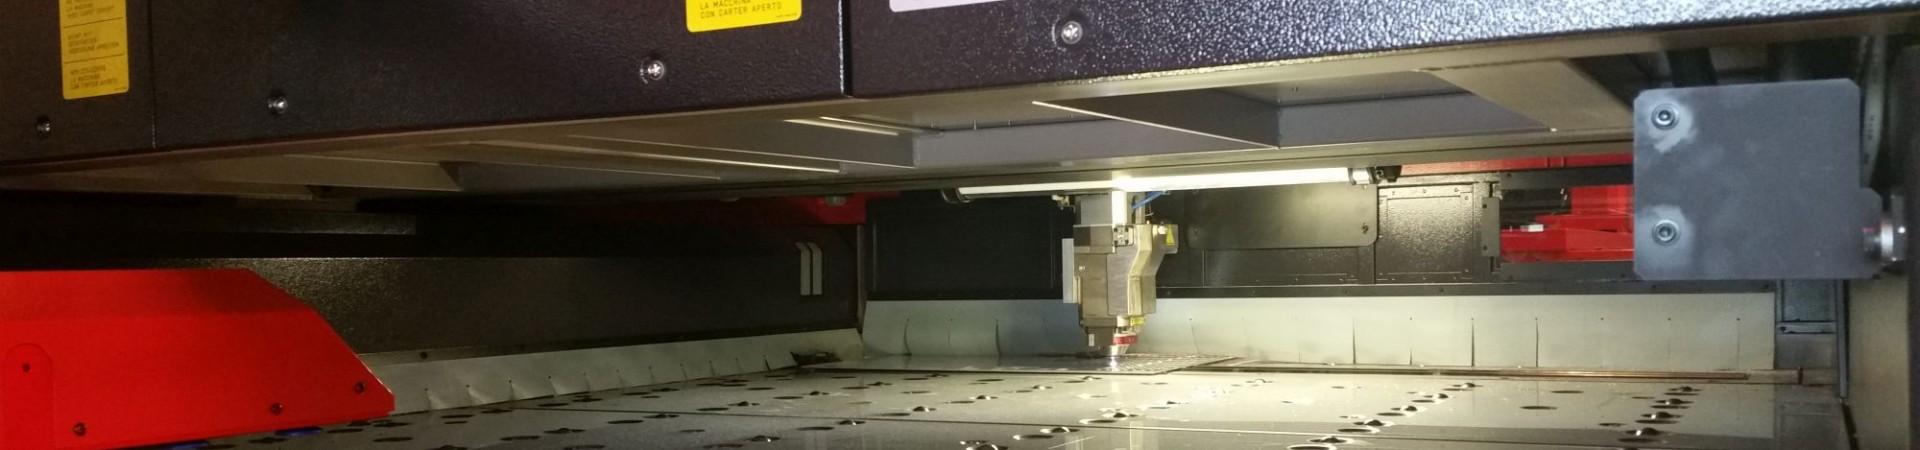 Laserschneiden Dünnblech